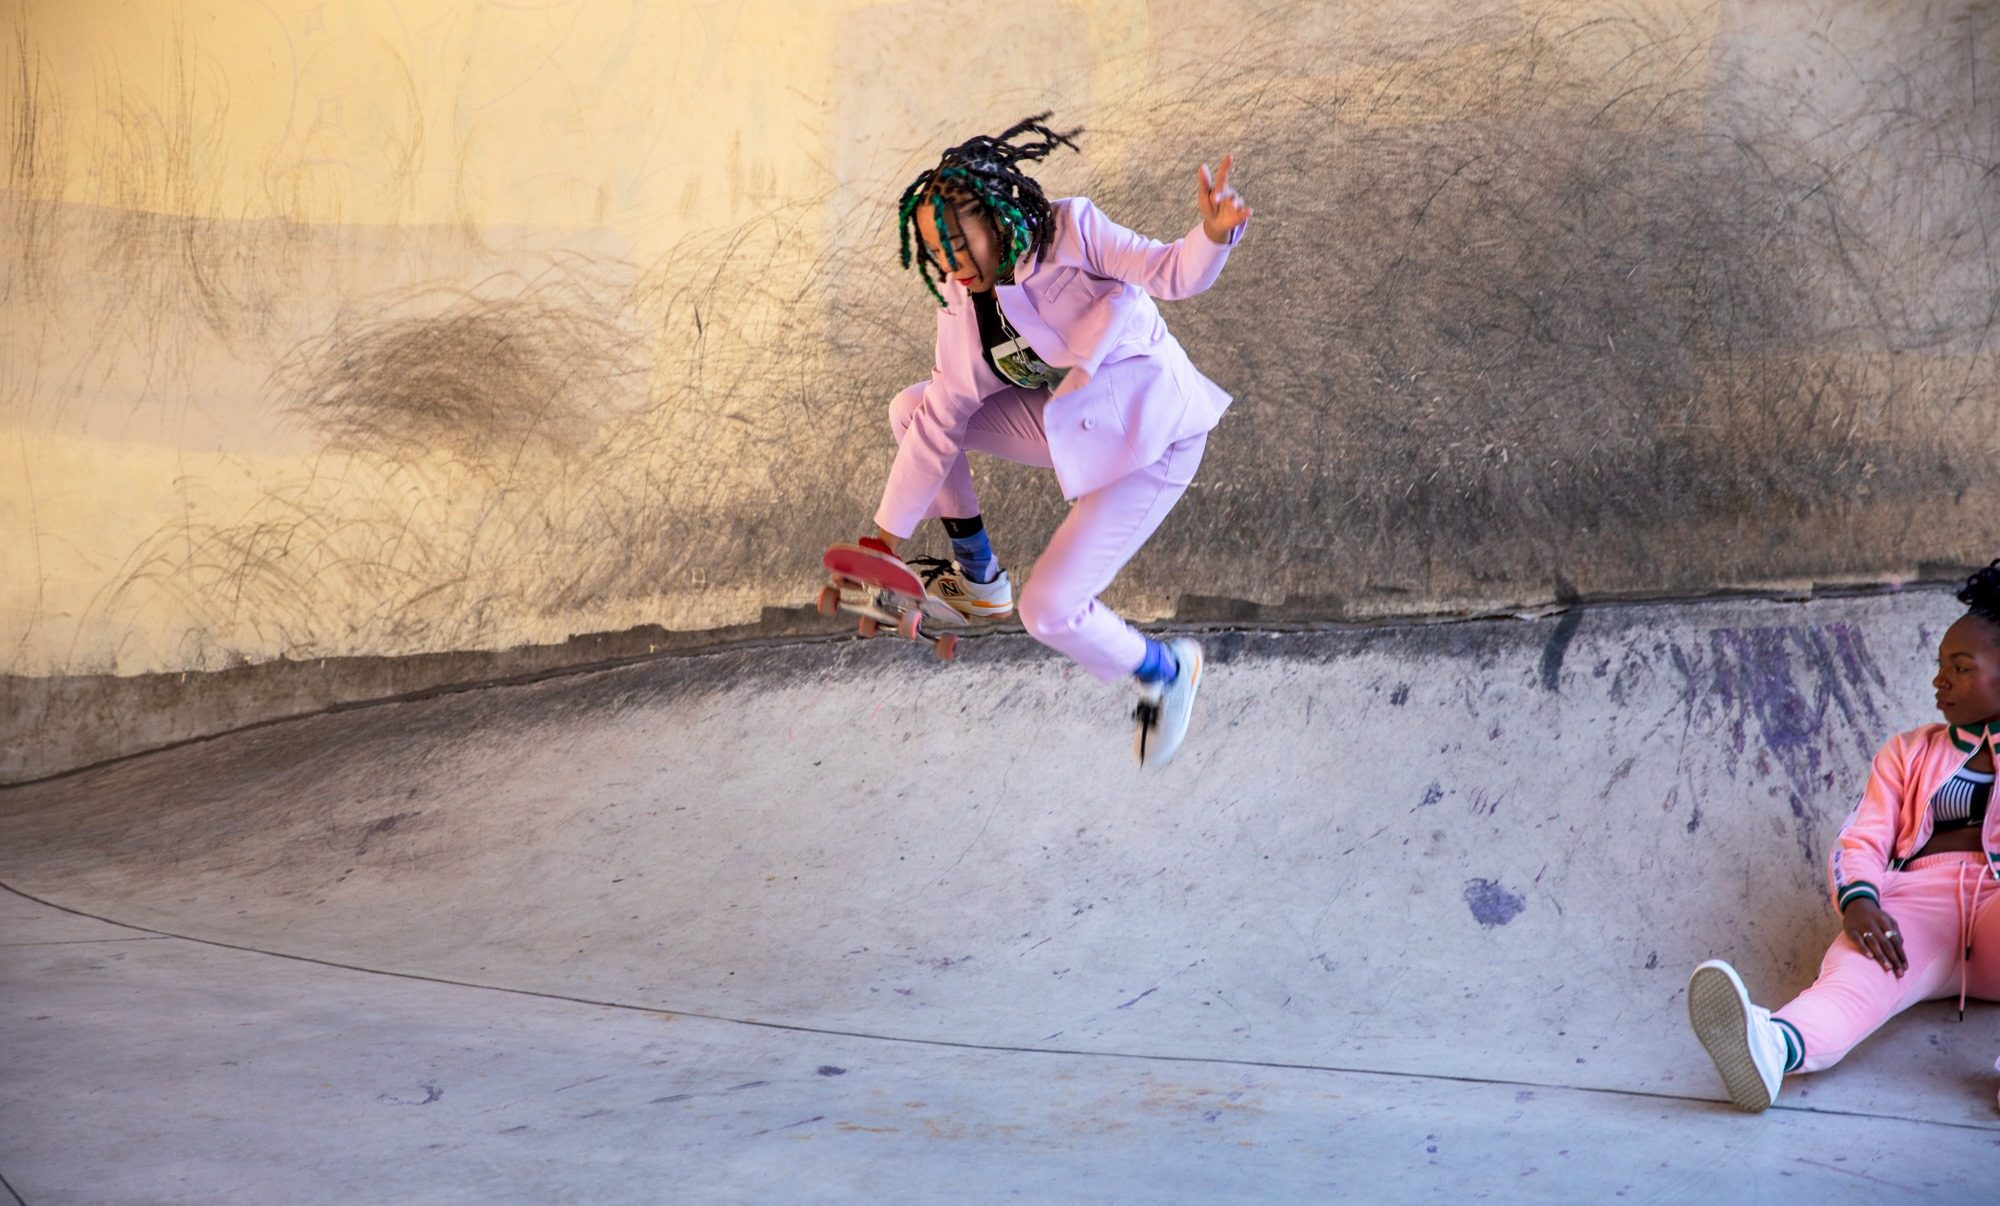 Skate into the Sun